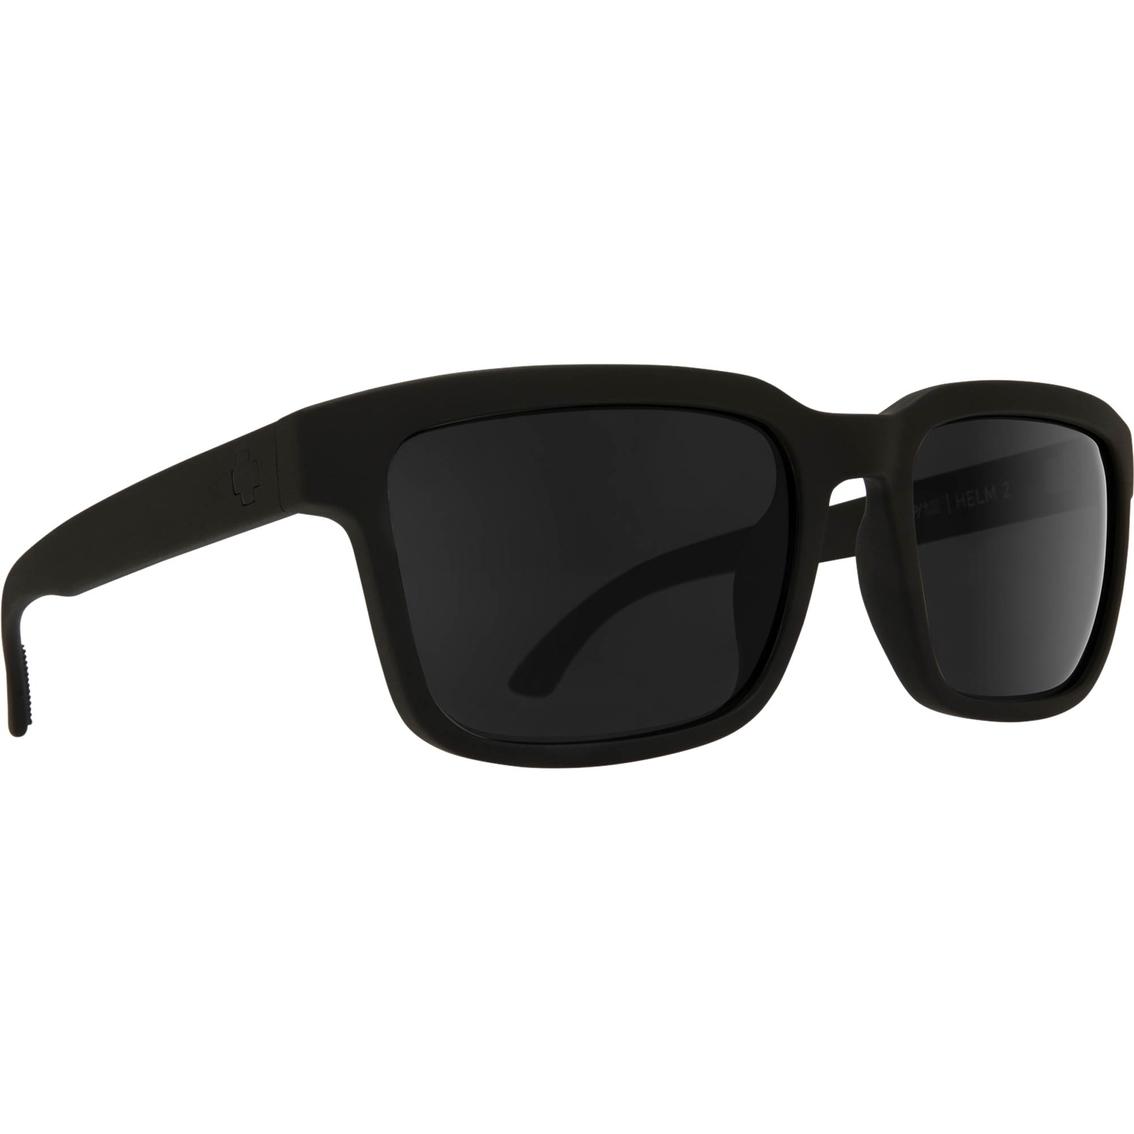 Spy Optic Helm 2 Standard Issue Sunglasses 683520184129